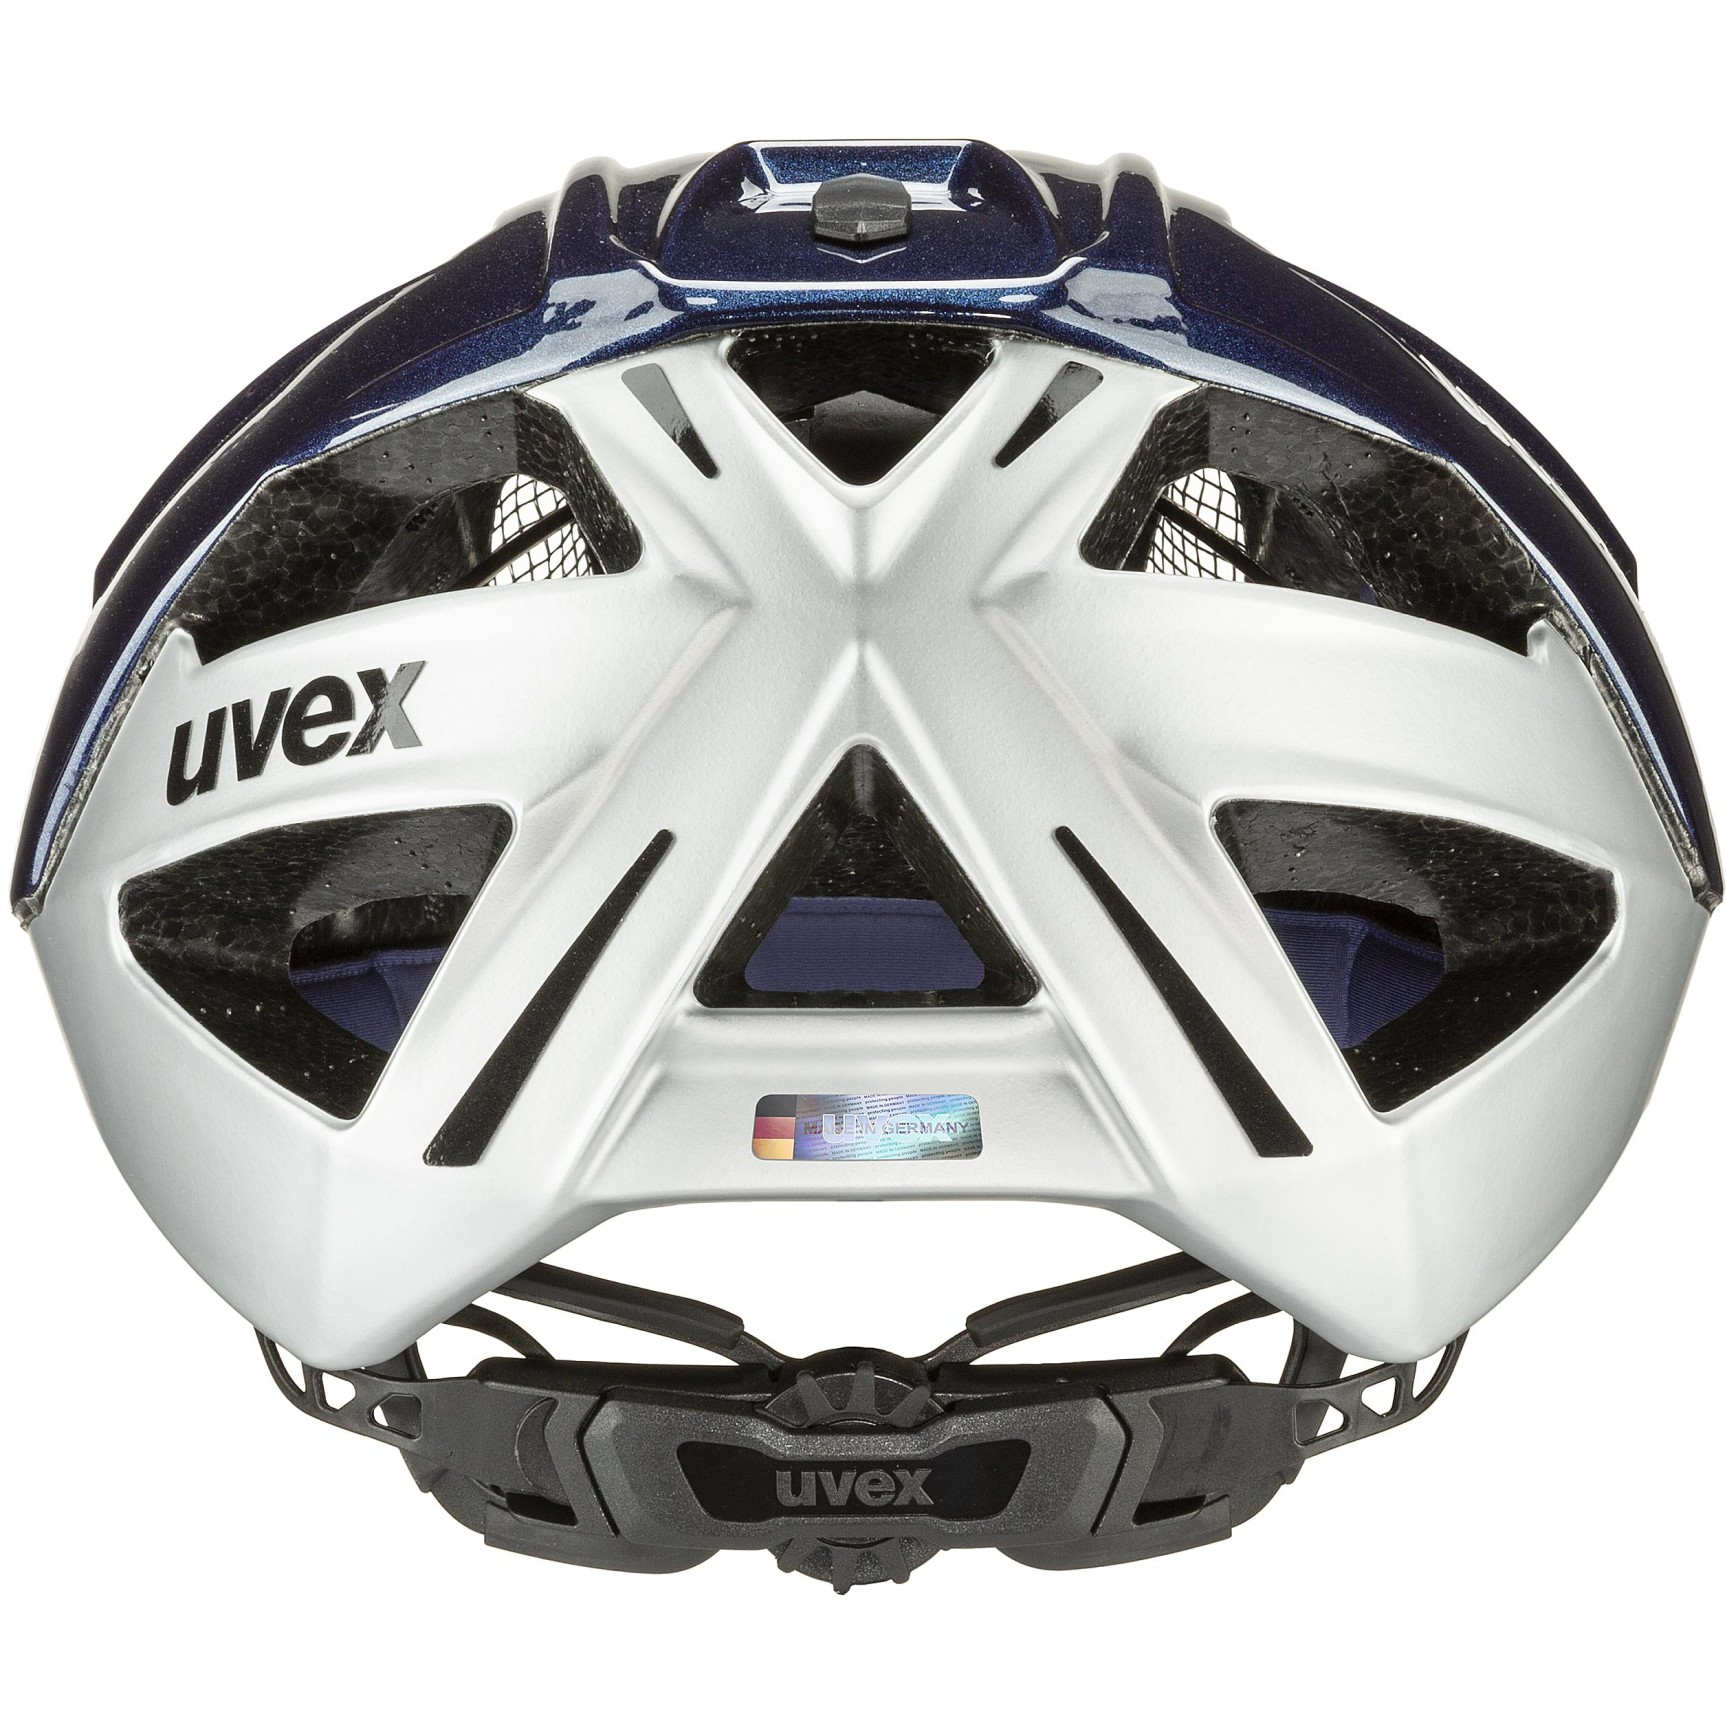 Image of Uvex gravel-x Helmet - deep space-silver